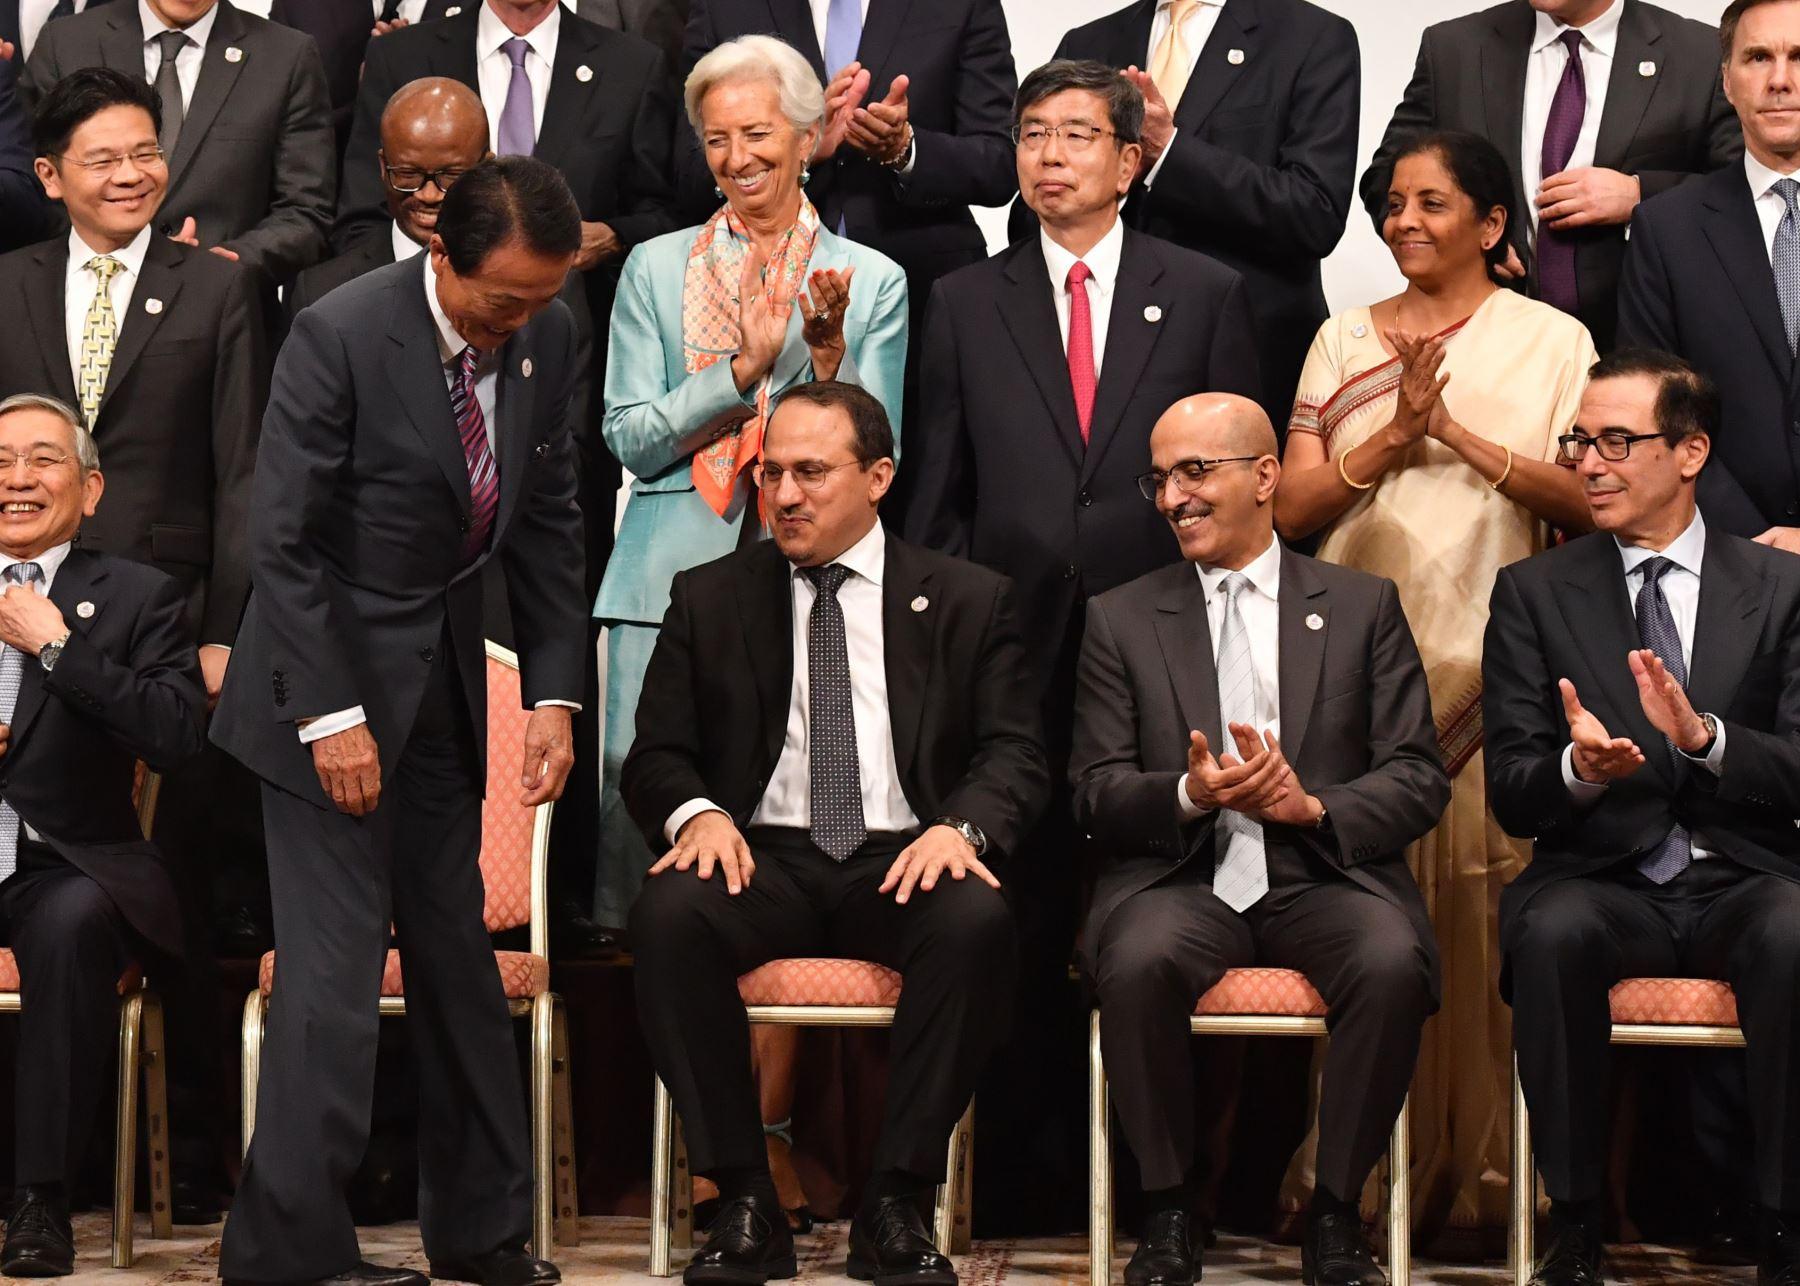 El G20 debate por primera vez sobre el envejecimiento demográfico